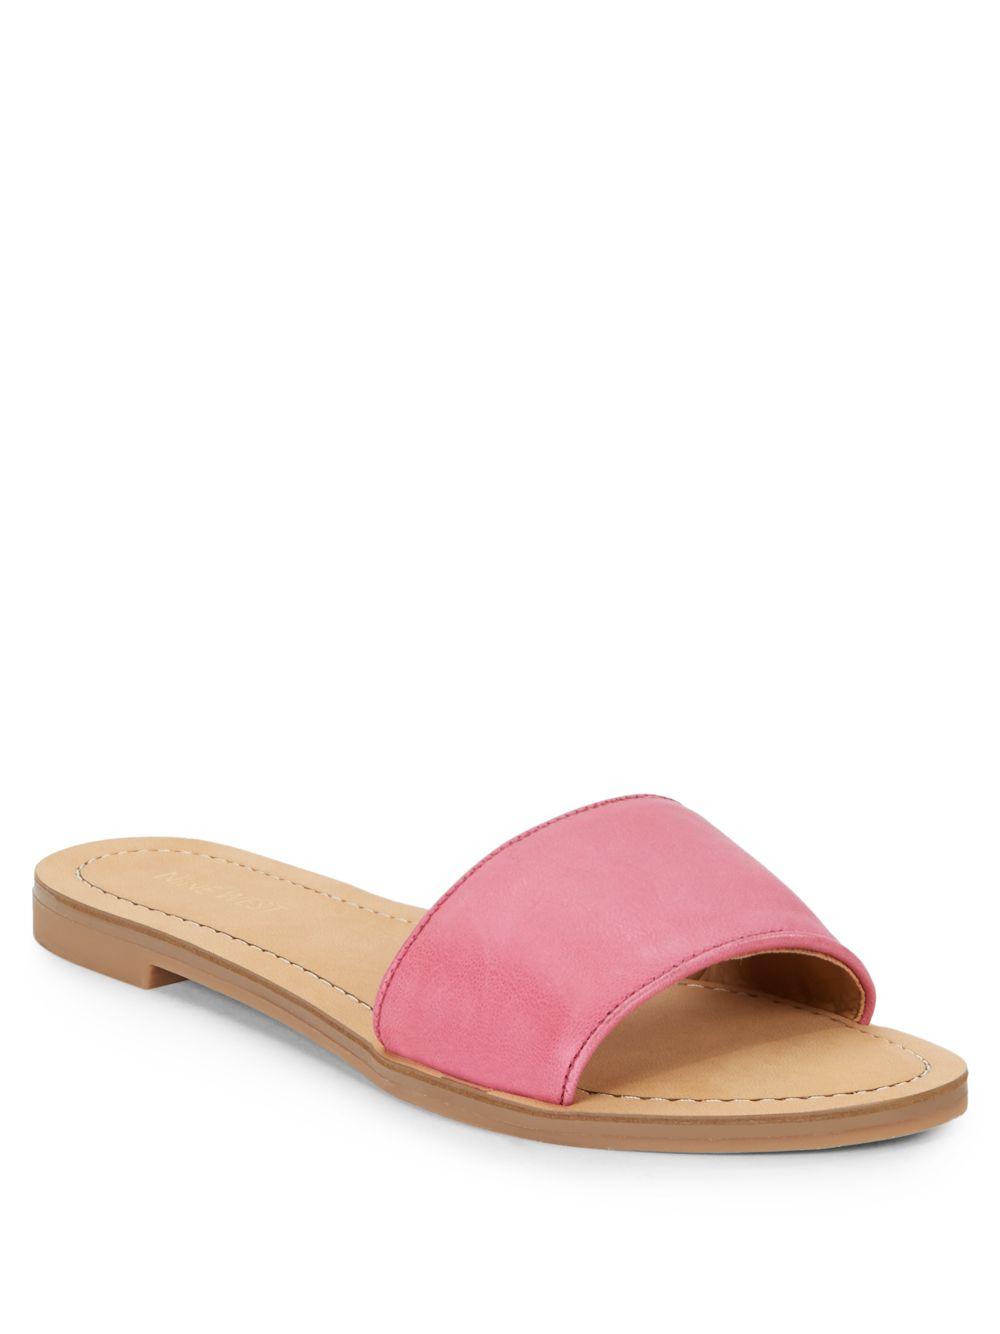 Nine West Summers Leder Slide Sandales in Pink Lyst